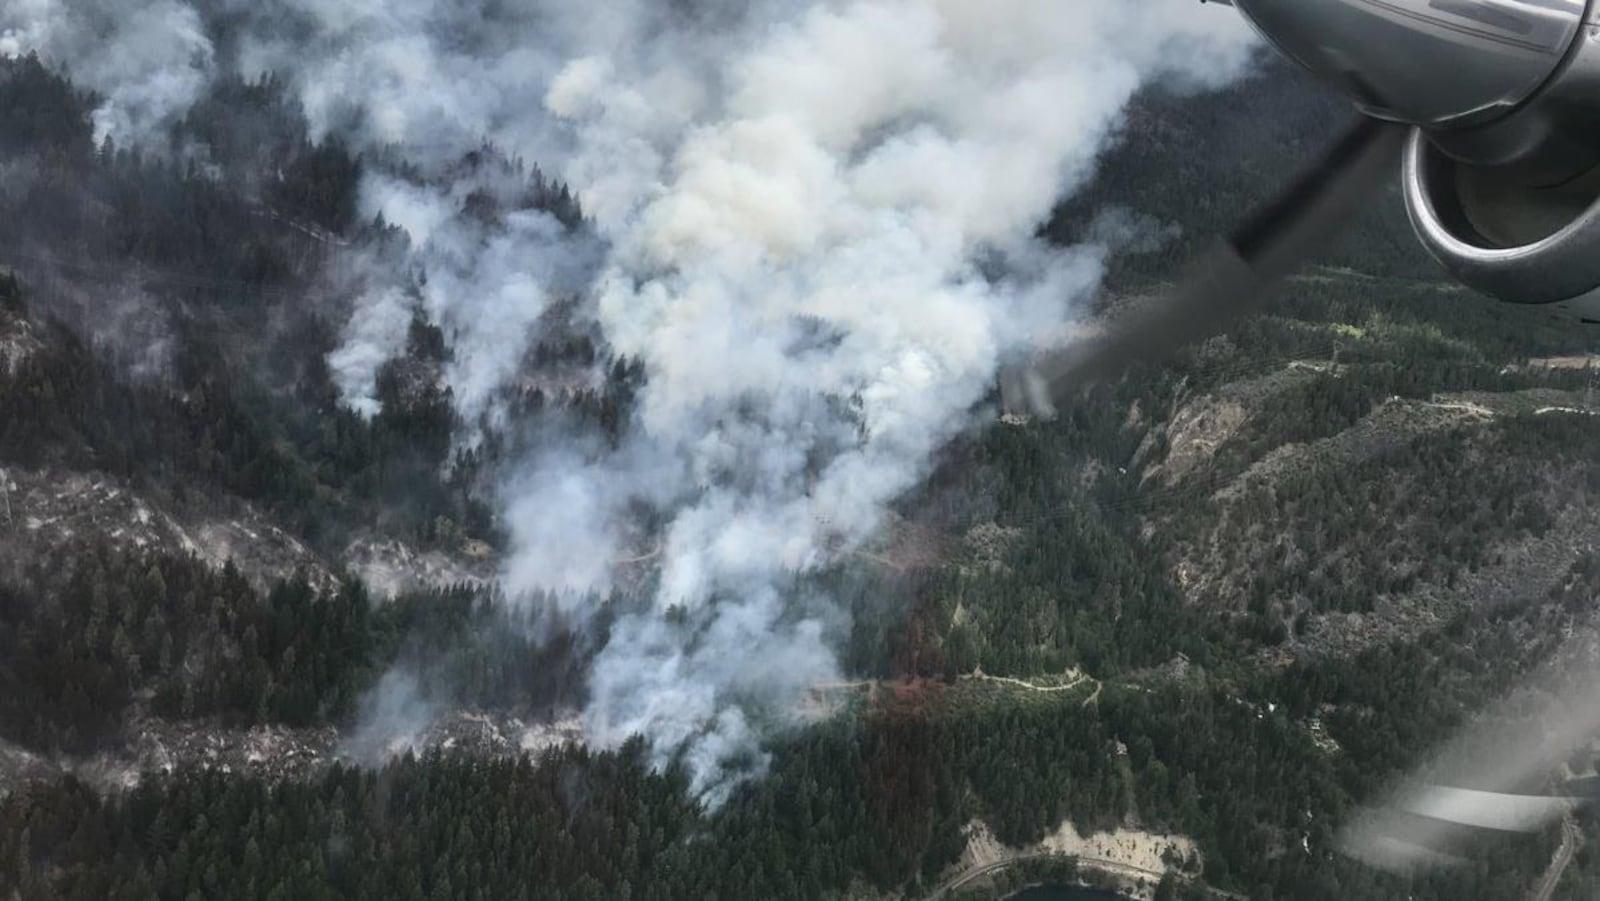 Vue de haut d'un feu de forêt et de fumée.